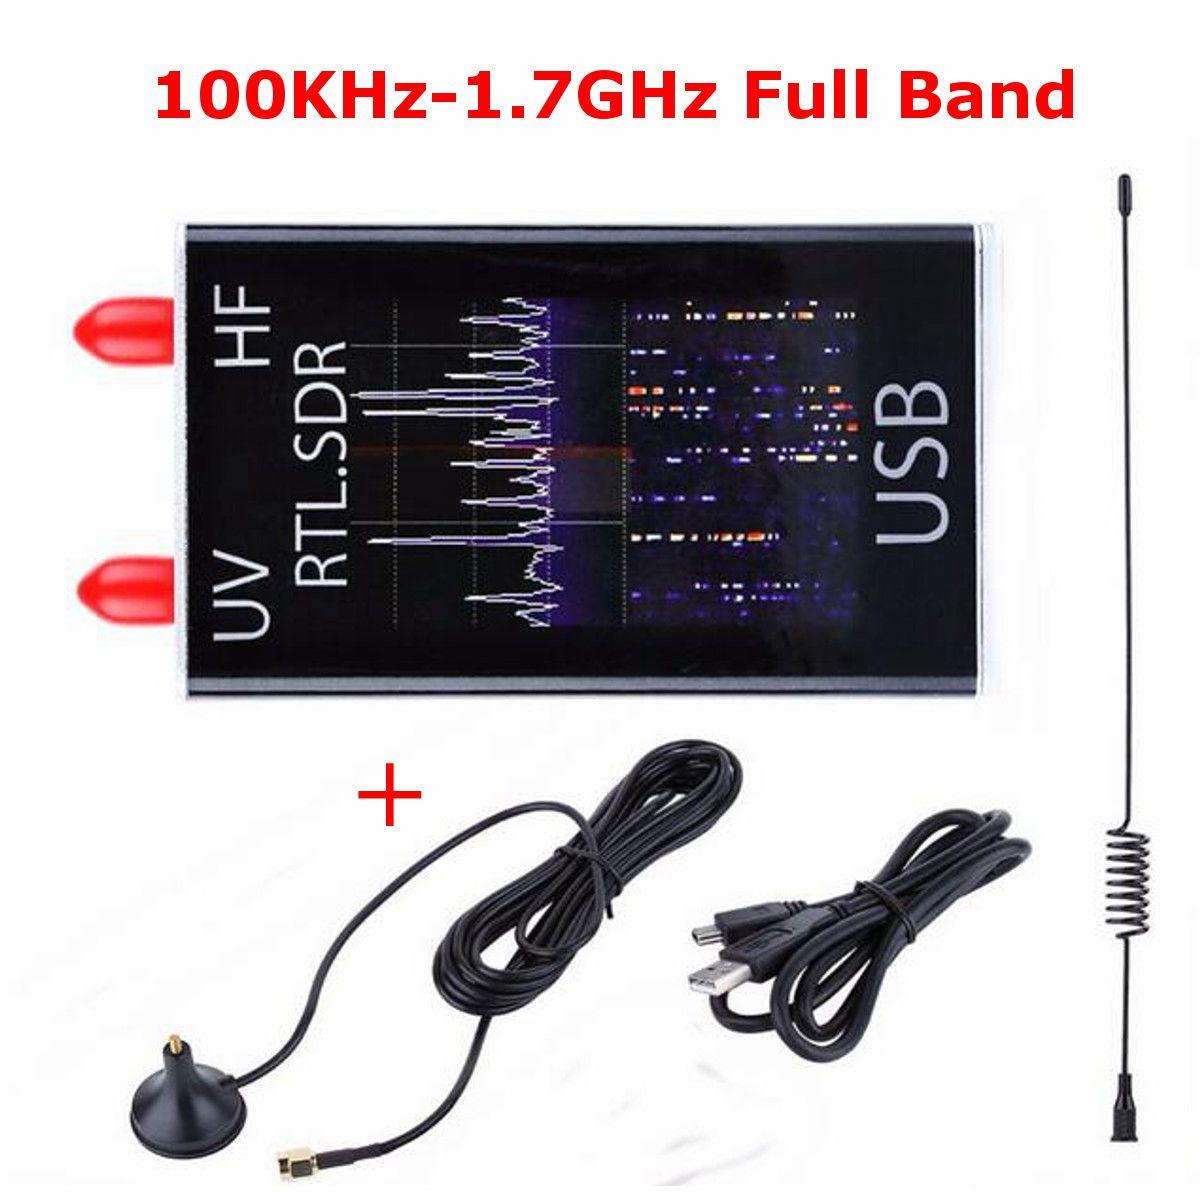 Mini Completa B e UV HF RTL-SDR USB Receptor Sintonizador de TV Digital Móvel 100 KHz-1.7 GHz/R820T + 8232 Presunto Rádio com Antena para Telefone PC